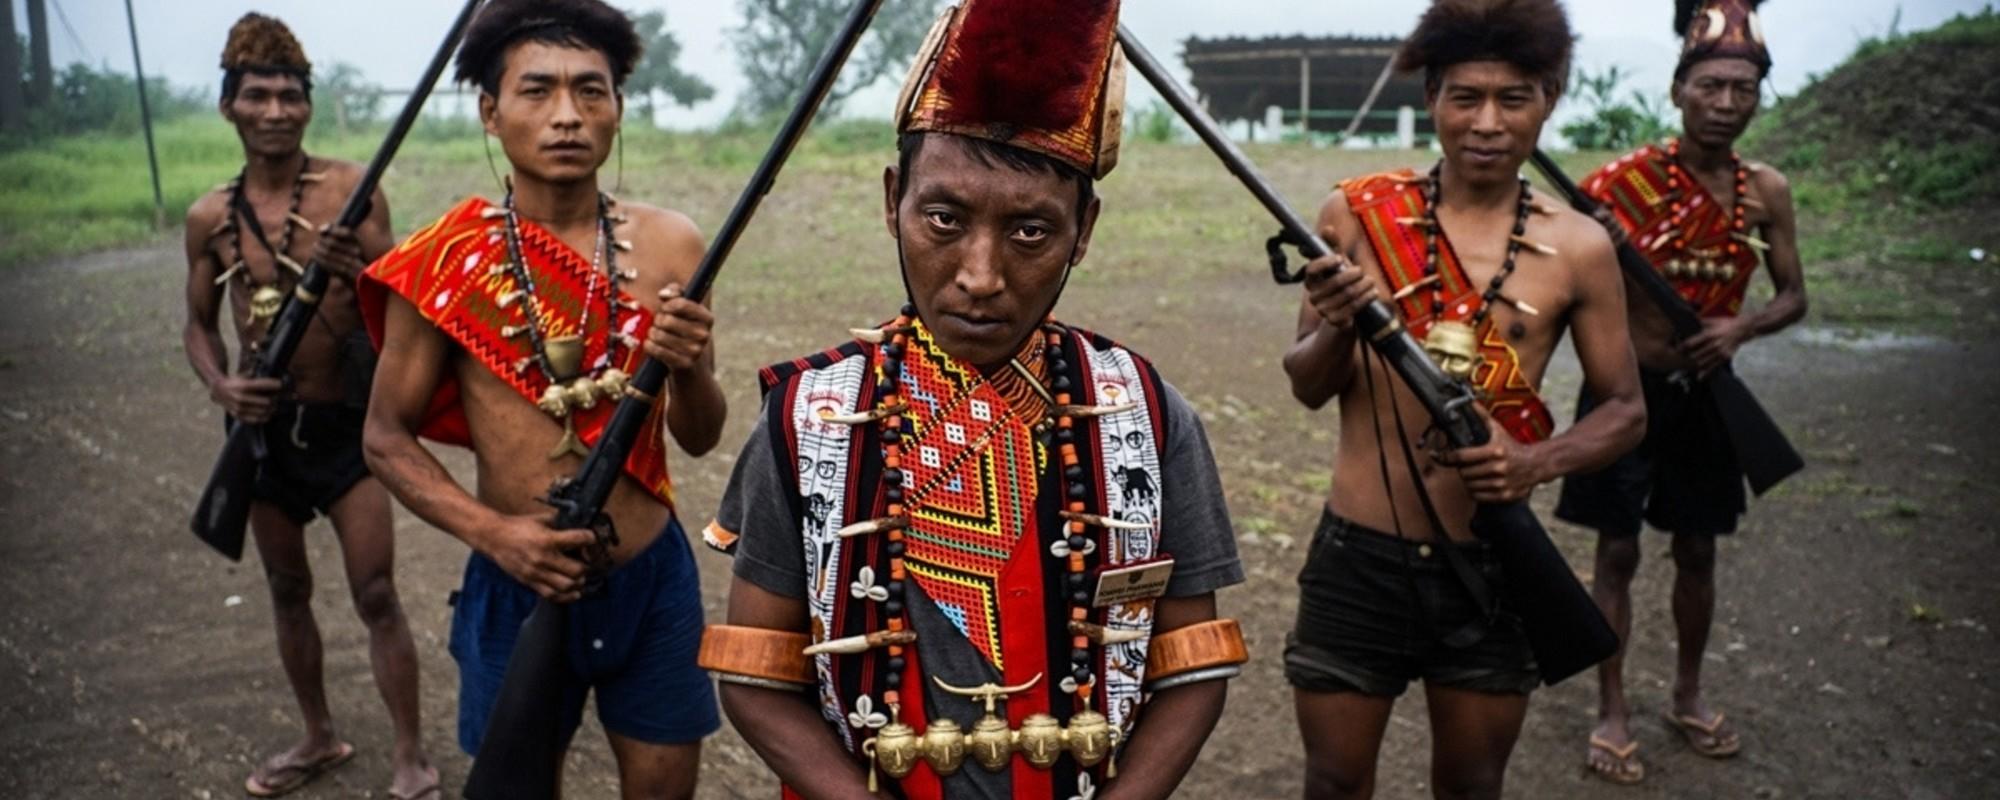 Das indische Dorf, dessen Männer seit 70 Jahren opiumsüchtig sind